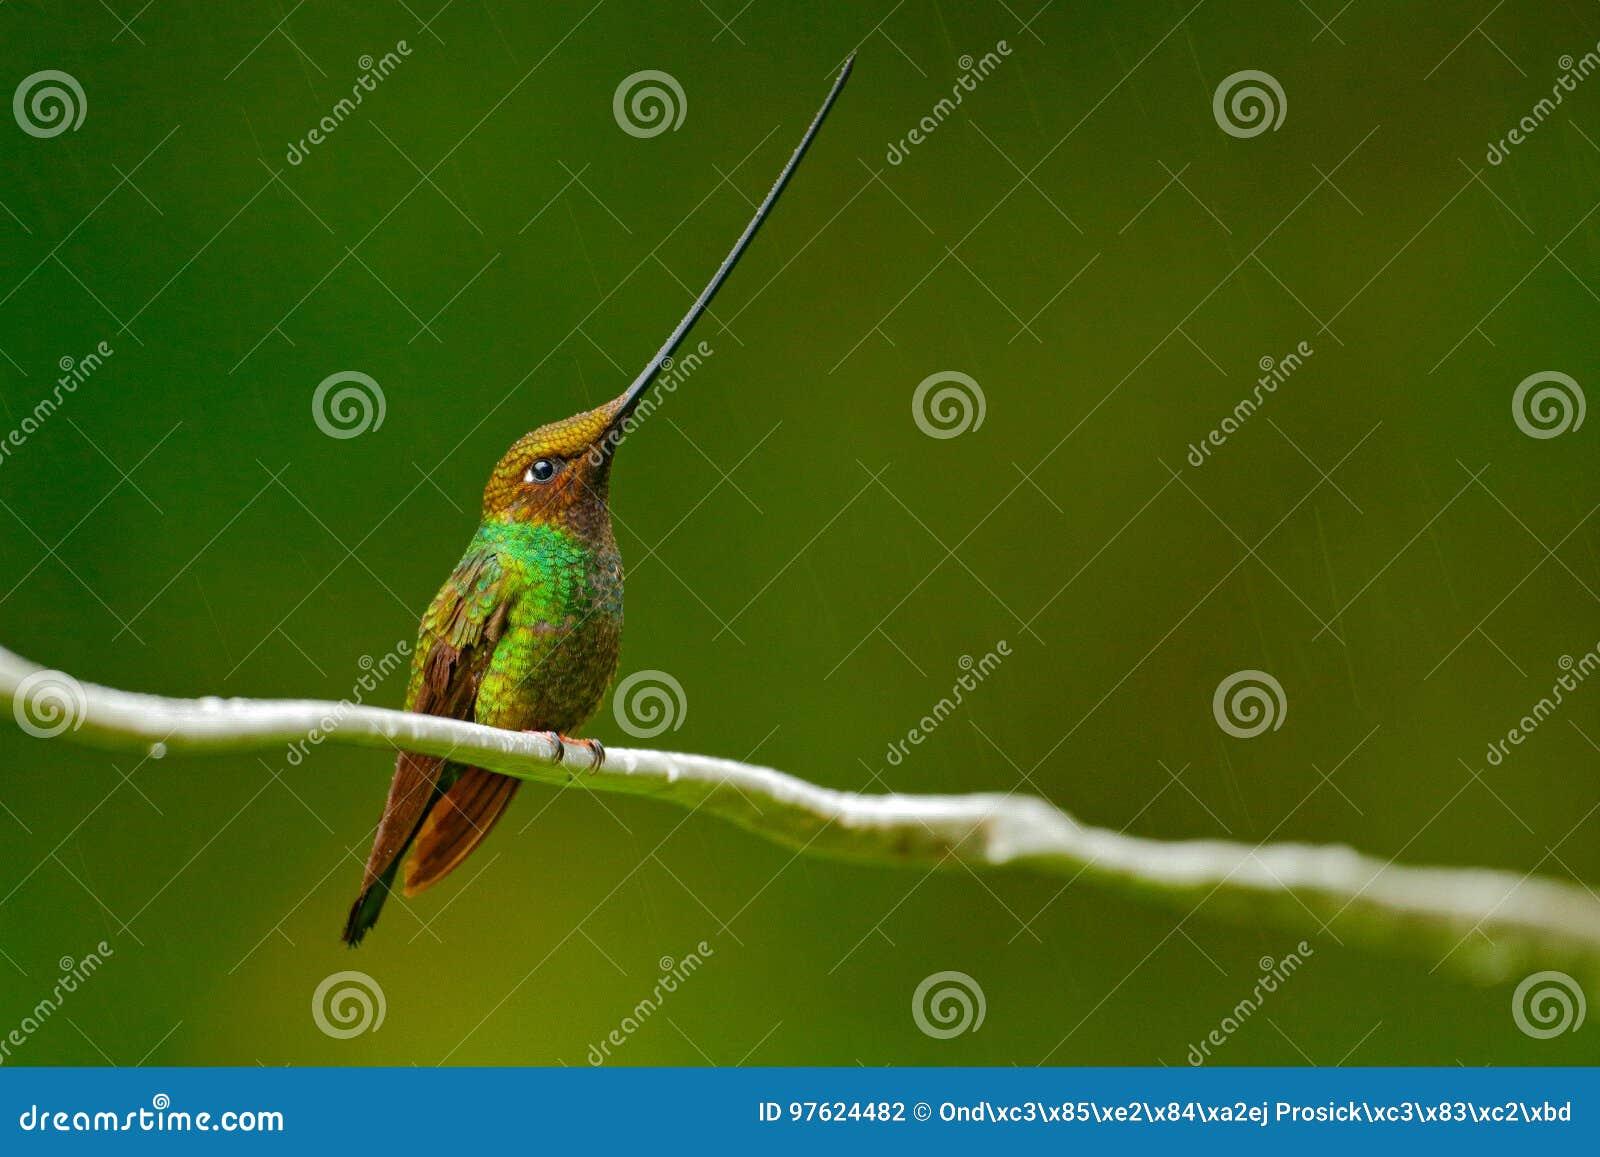 Pájaro con el pico más largo colibrí Espada-cargado en cuenta, ensifera de Ensifera, pájaro con la cuenta más larga increíble, há